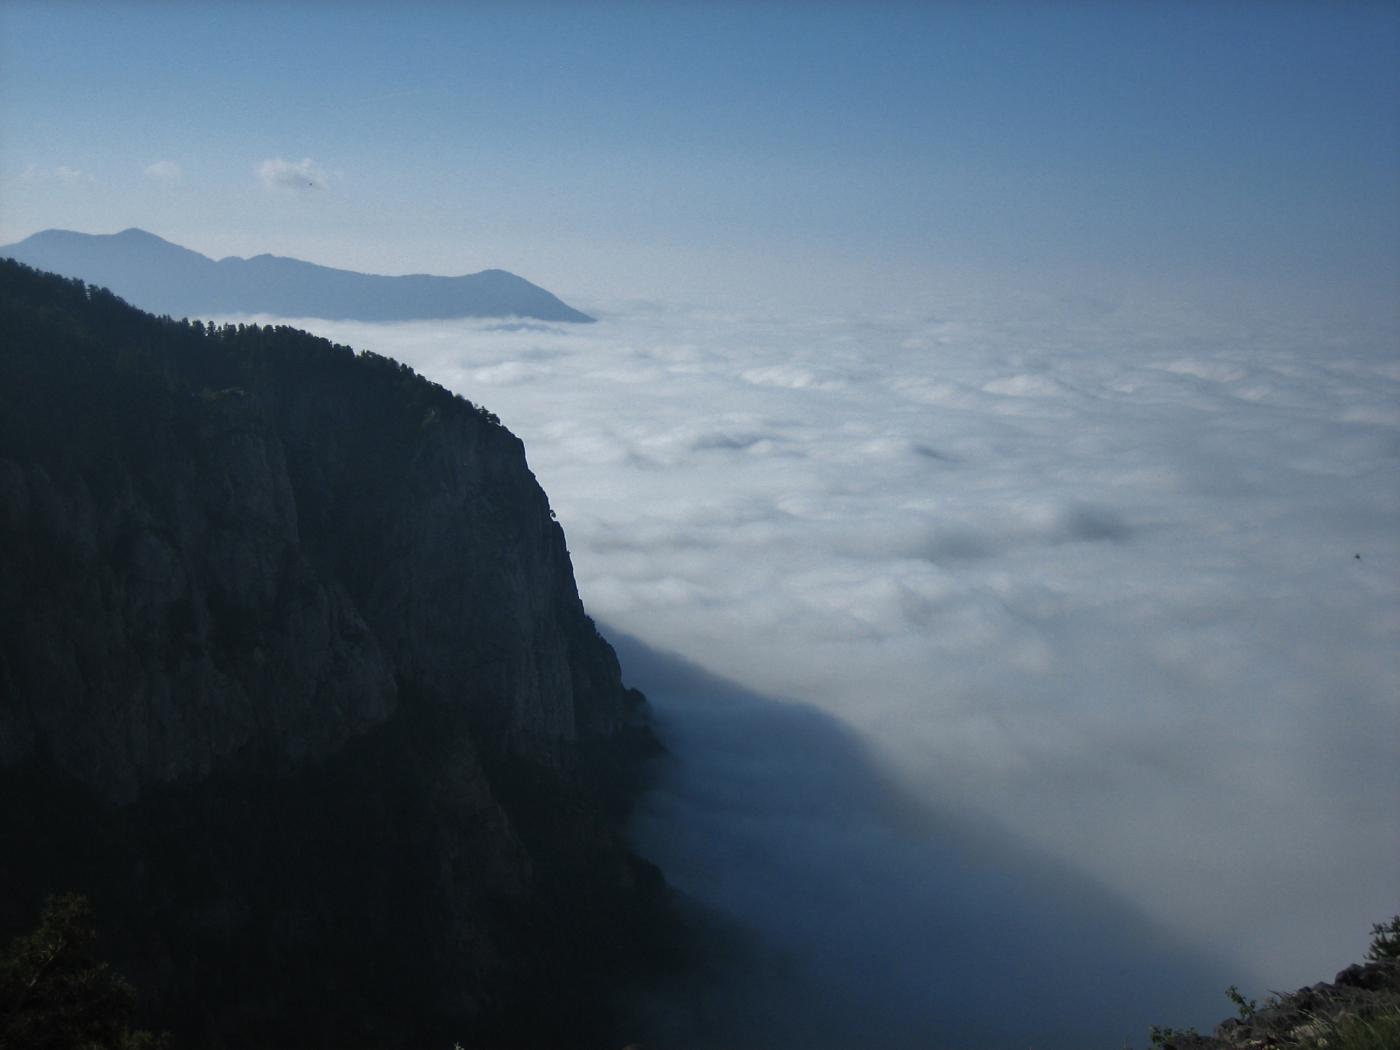 Mare di nuvole anzichè il Mar Ligure